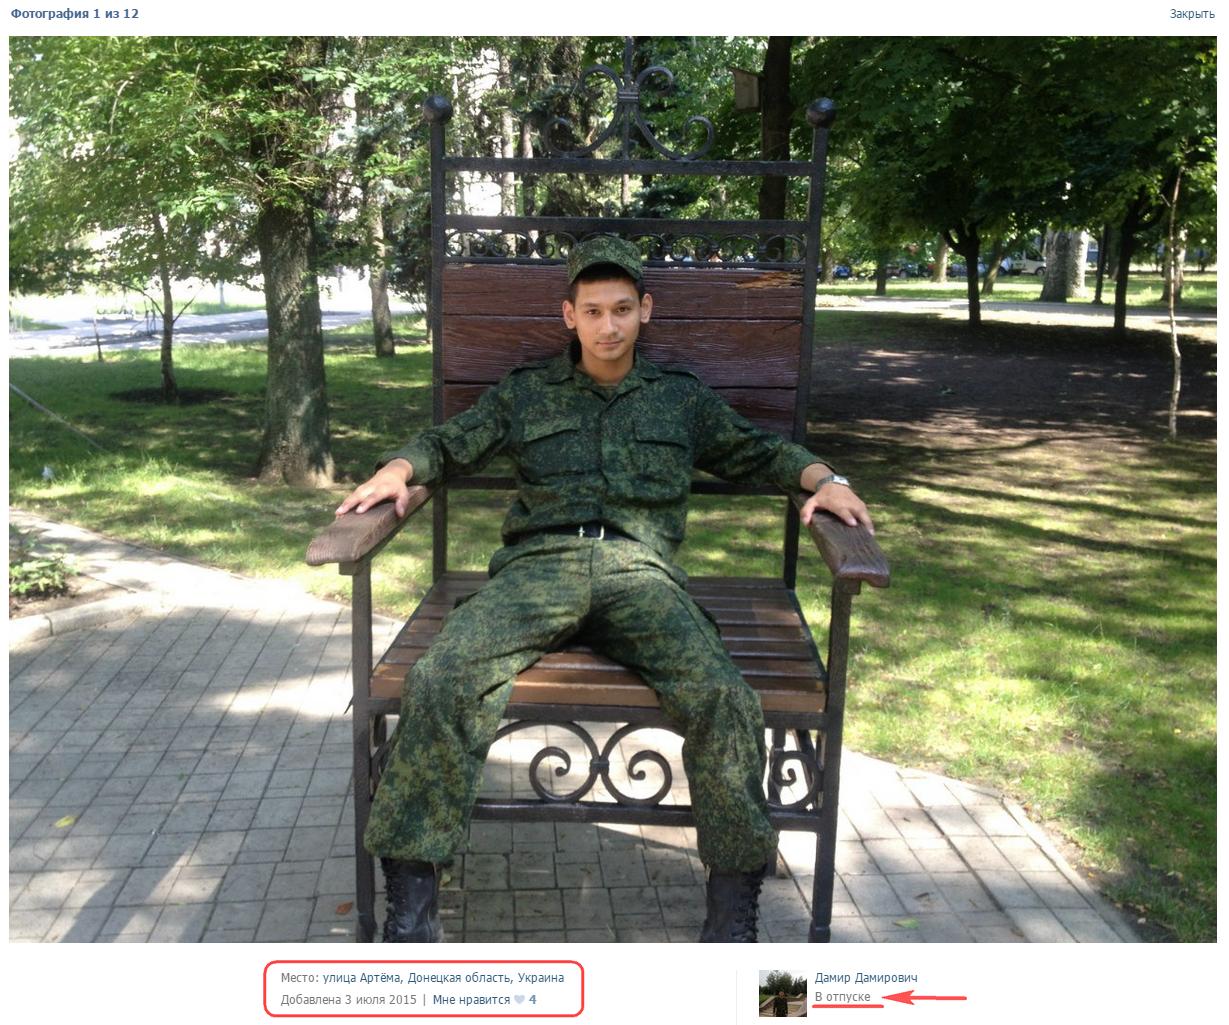 солдат в отпуске картинки столкновения набитых ядерными